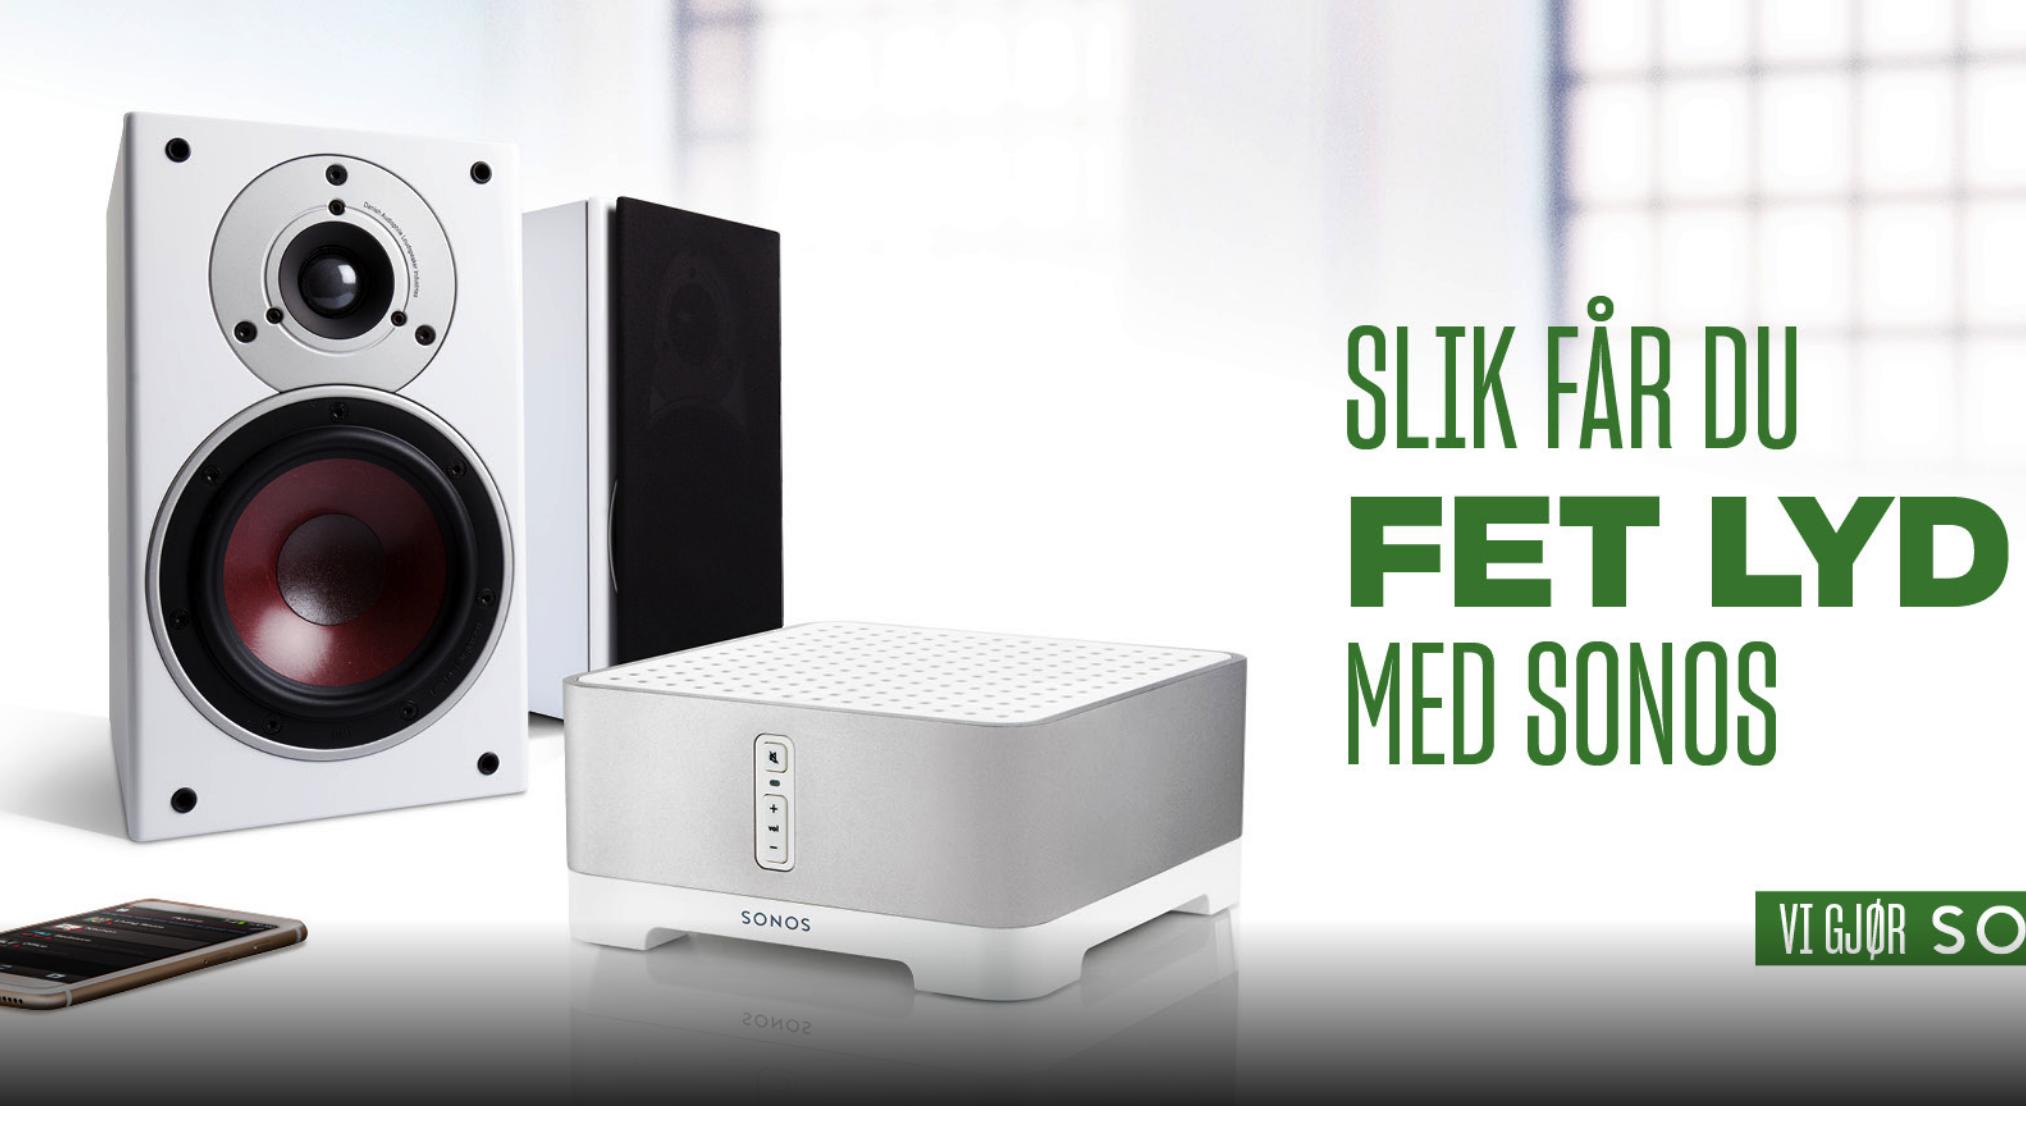 Teknologiartikkel - Sonos er verdens mest solgte høyttalersystem. Men faktum er alltid at to høyttalere i stereo låter bedre enn alt-i-ett-bokser. Heldigvis finnes en løsning som gir deg begge deler.